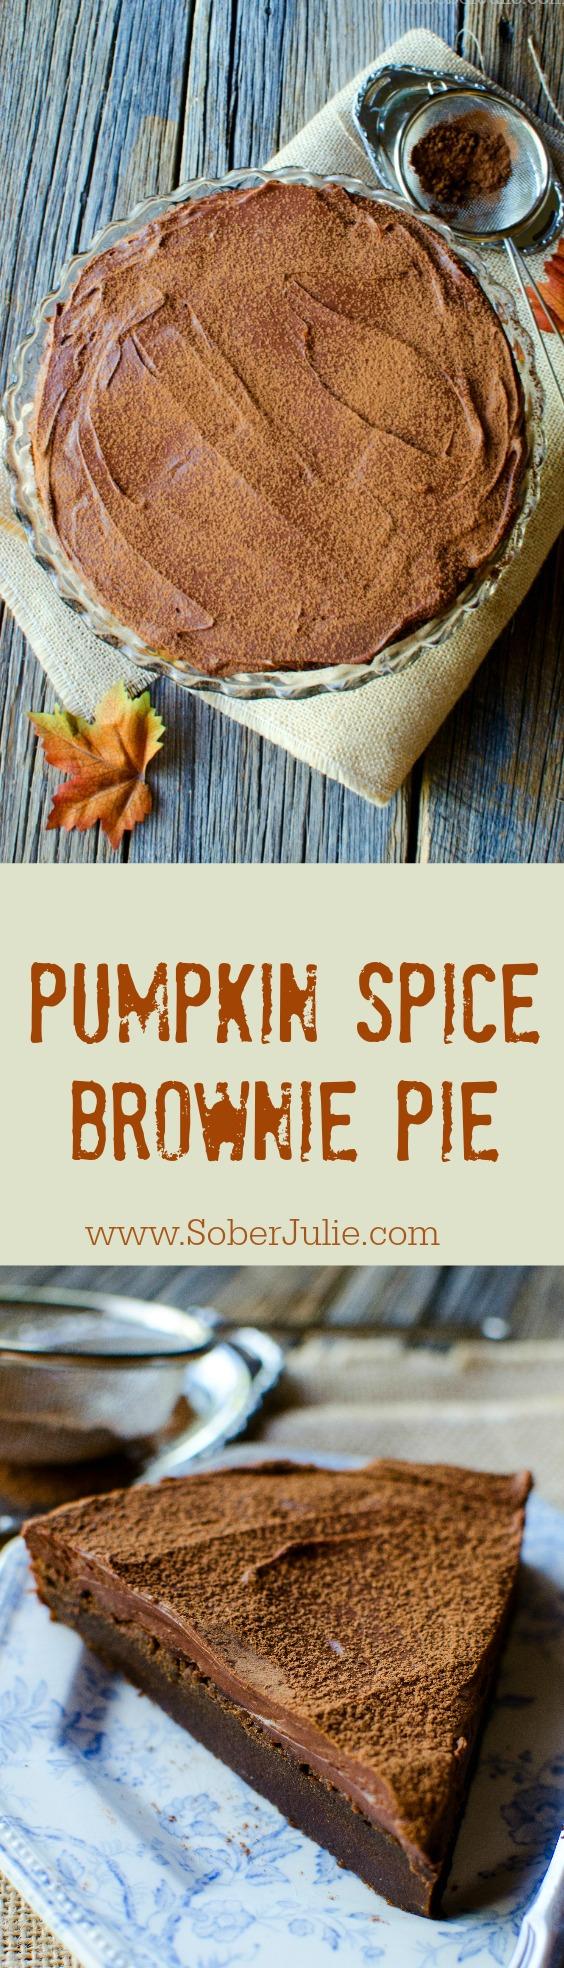 pumpkin-spice-brownie-pie-pumpkin-recipe-dessert